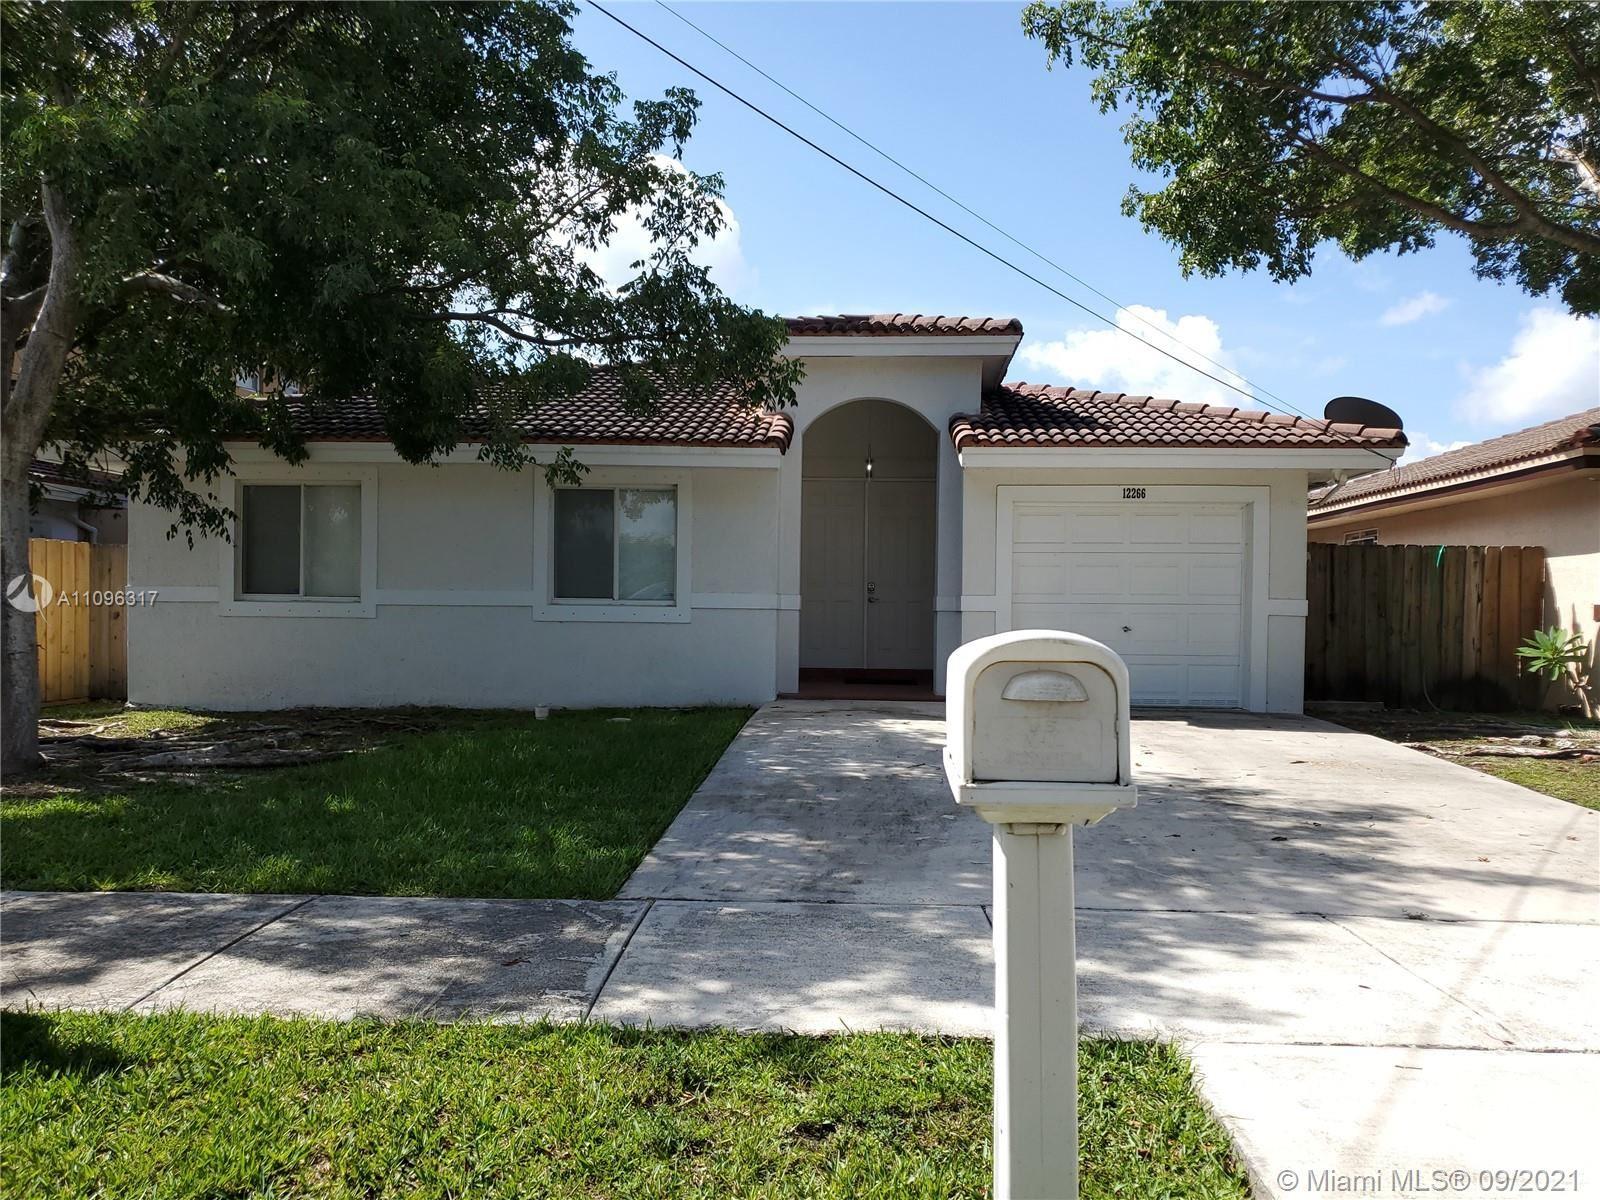 12266 SW 216th St, Miami, FL 33170 - #: A11096317